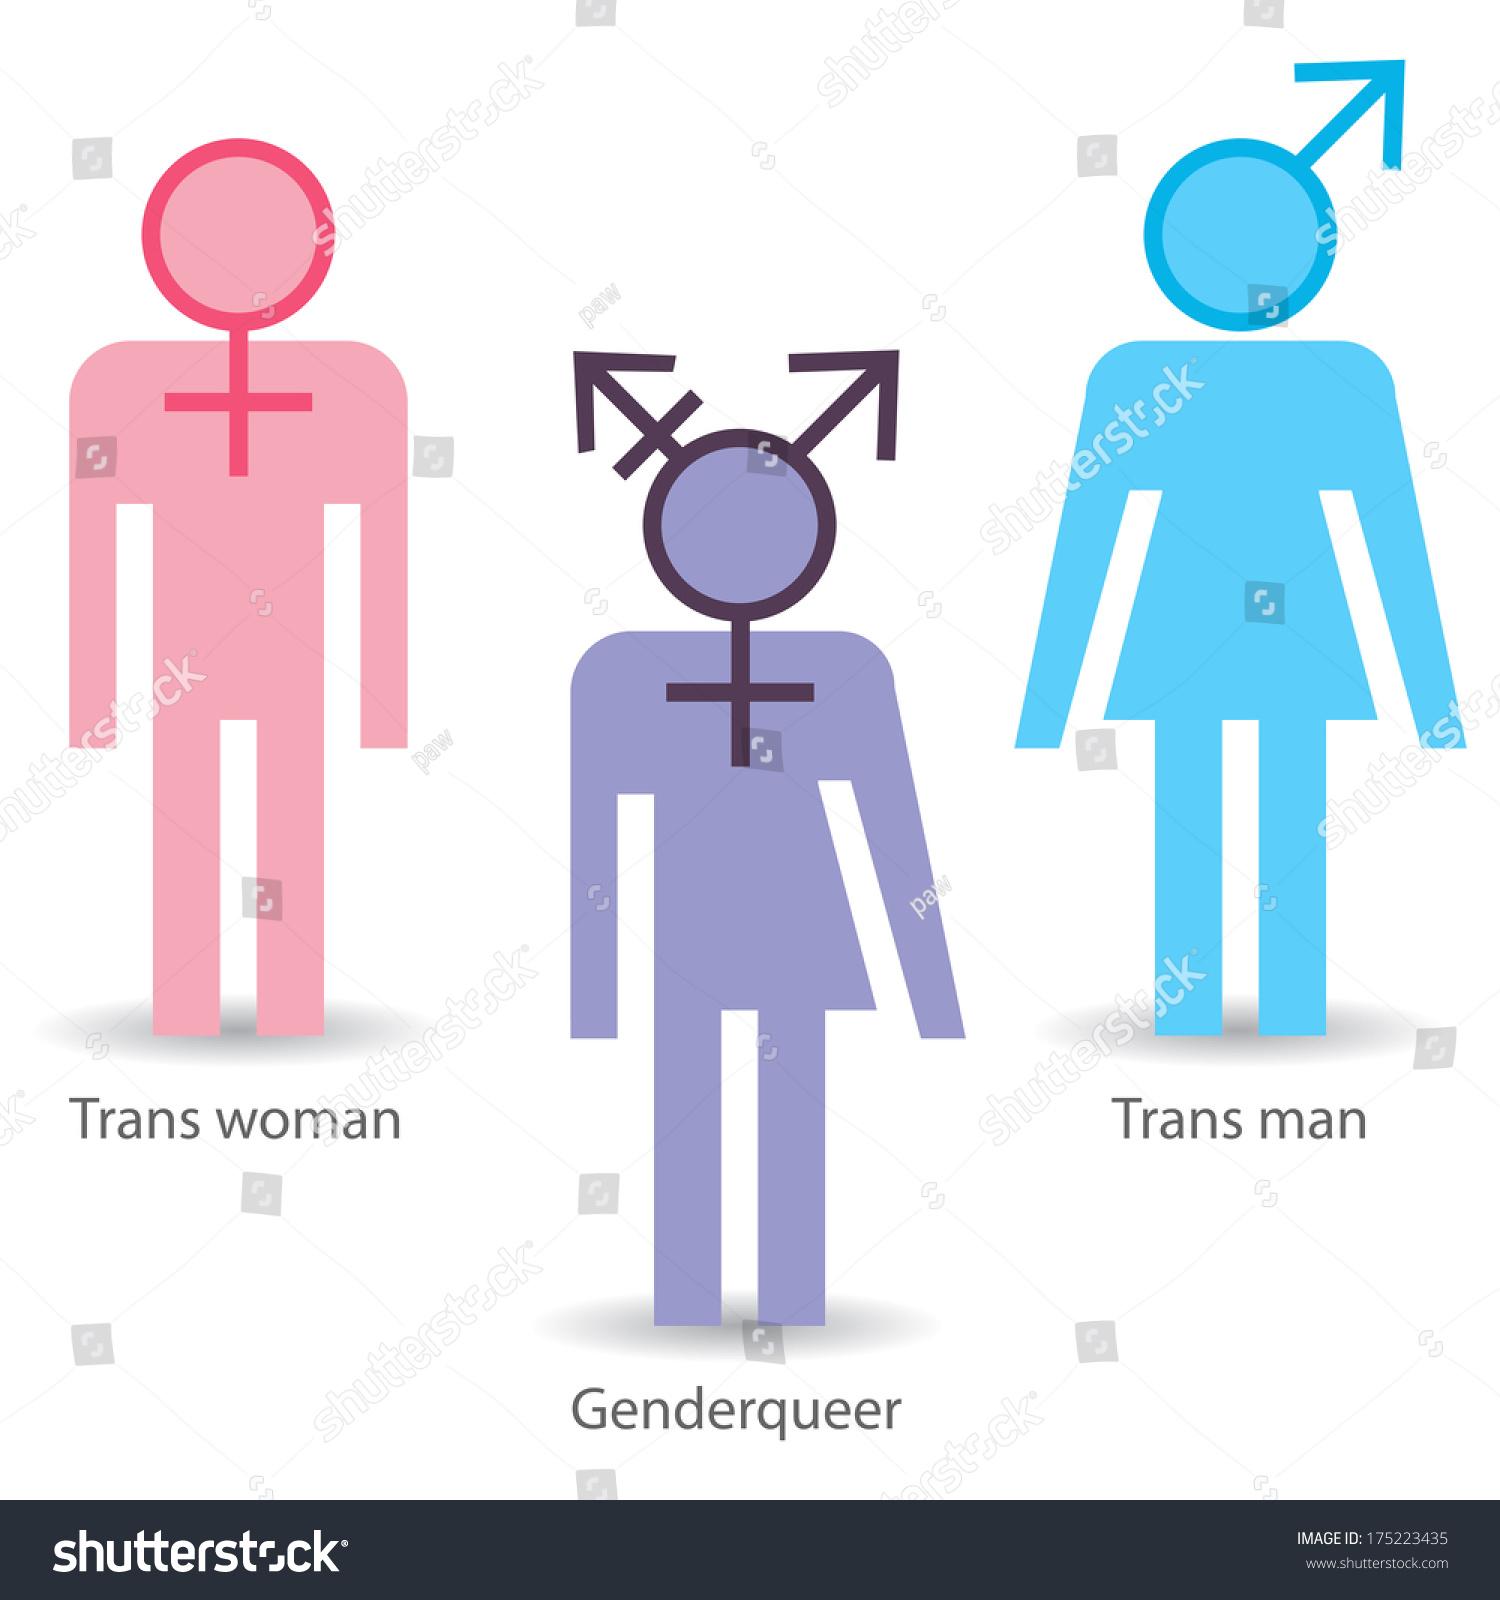 Транс женщина имужик 22 фотография